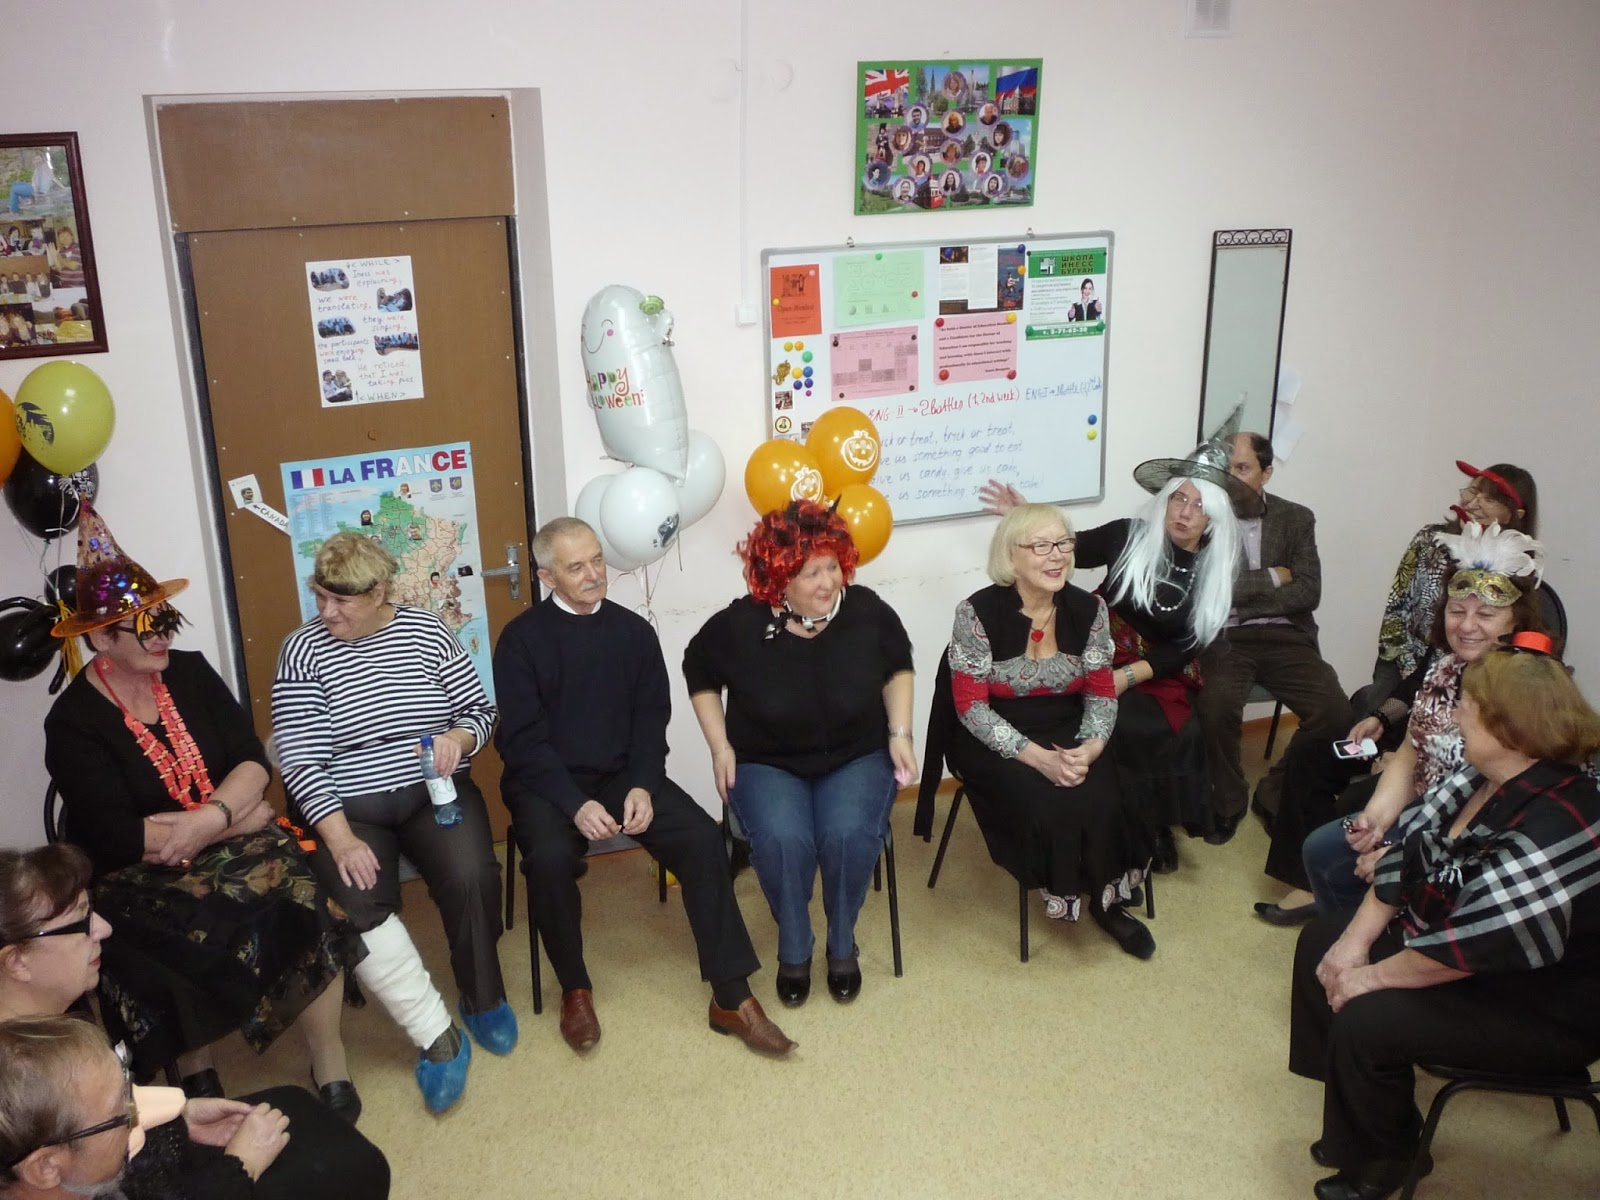 В первый день ноября праздничную этафету приняли серебряные студенты Уникального социального проекта Школы Инесс Бугуан Английский для тех, кому за 60